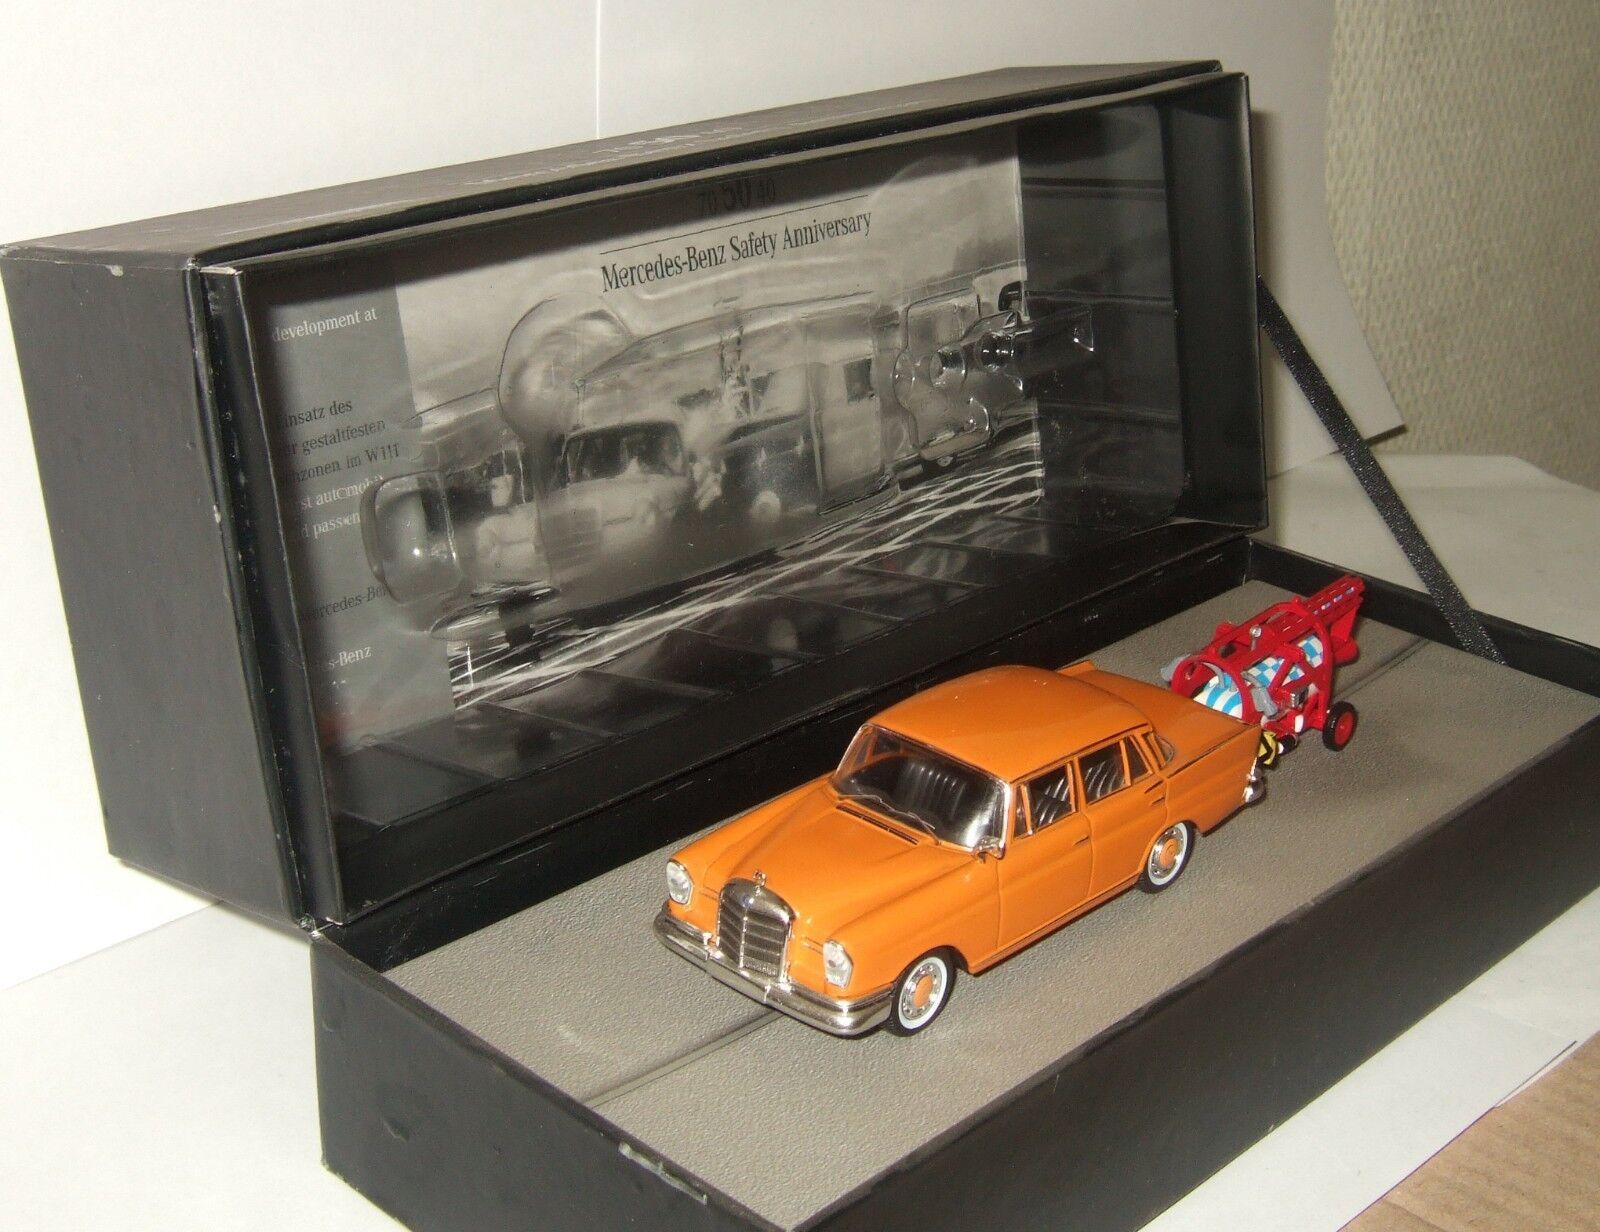 1 43 Ixo Mercedes Benz 220 SE de sécurité de W111 Anniversaire 70 ans rare